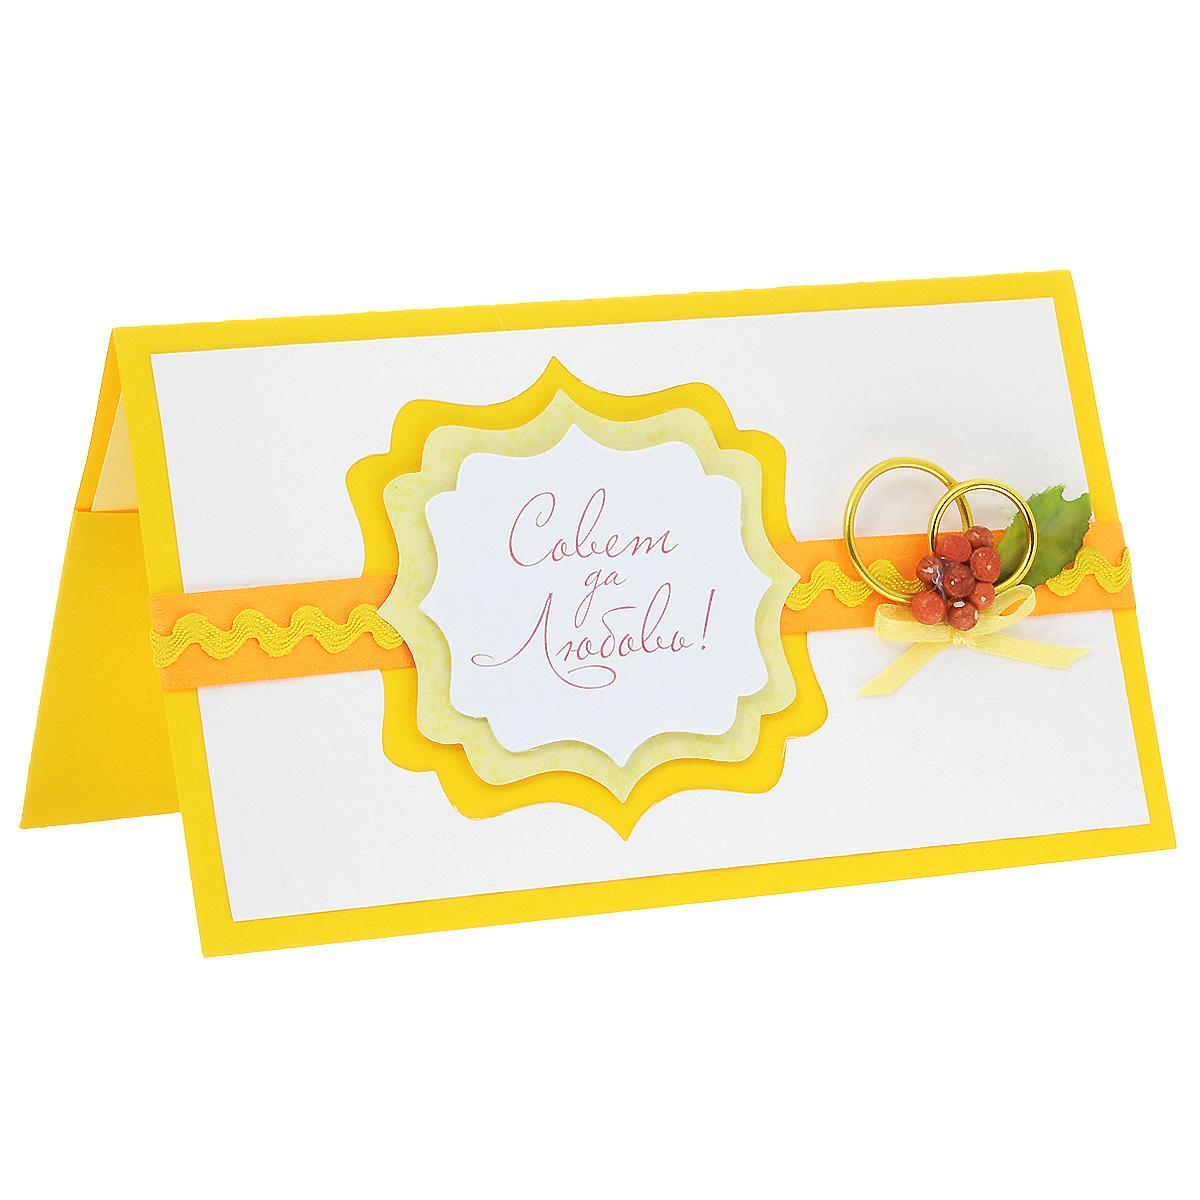 ОСВ-0004 Открытка-конверт «Совет да Любовь!» (стандарт, оранжеввая). Студия «Тётя Роза»94990Характеристики: Размер 19 см x 11 см.Материал: Высоко-художественный картон, бумага, декор. Данная открытка может стать как прекрасным дополнением к вашему подарку, так и самостоятельным подарком. Так как открытка является и конвертом, в который вы можете вложить ваш денежный подарок или просто написать ваши пожелания на вкладыше. Конверт для поздравления молодоженов отличается своей яркостью. Основная надпись выделяется послойно над общим фоном на выразительной резной табличке. Обручальные кольца, расположенные на капроновой ленте, декорированы цветами и ягодами. На основной части конверта нанесено тиснение «сердечки». Также открытка упакована в пакетик для сохранности.Обращаем Ваше внимание на то, что открытка может незначительно отличаться от представленной на фото.Открытки ручной работы от студии Тётя Роза отличаются своим неповторимым и ярким стилем. Каждая уникальна и выполнена вручную мастерами студии. (Открытка для мужчин, открытка для женщины, открытка на день рождения, открытка с днем свадьбы, открытка винтаж, открытка с юбилеем, открытка на все случаи, скрапбукинг)